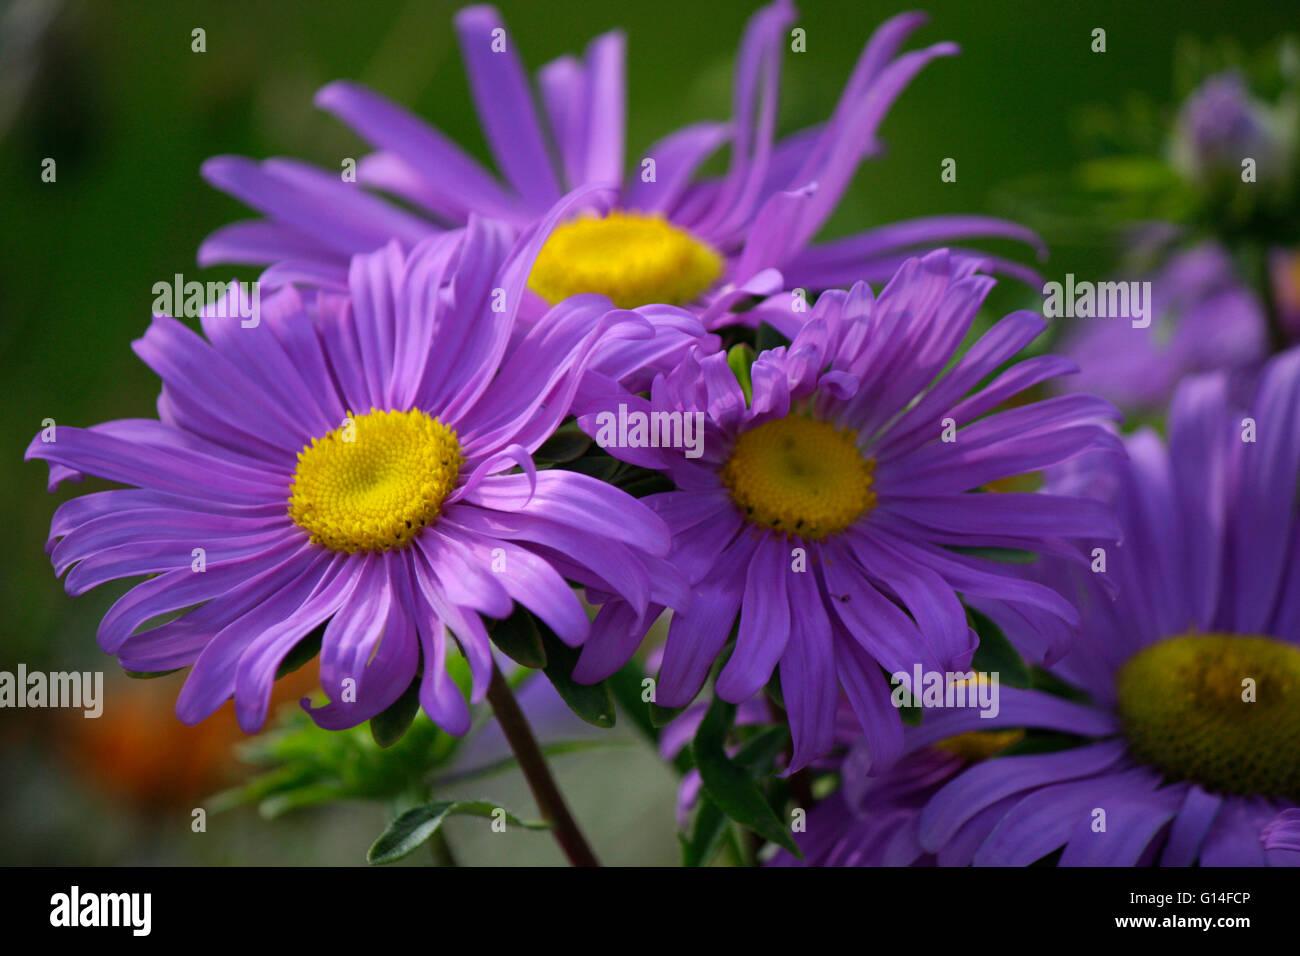 Blumen, Berlin. - Stock Image